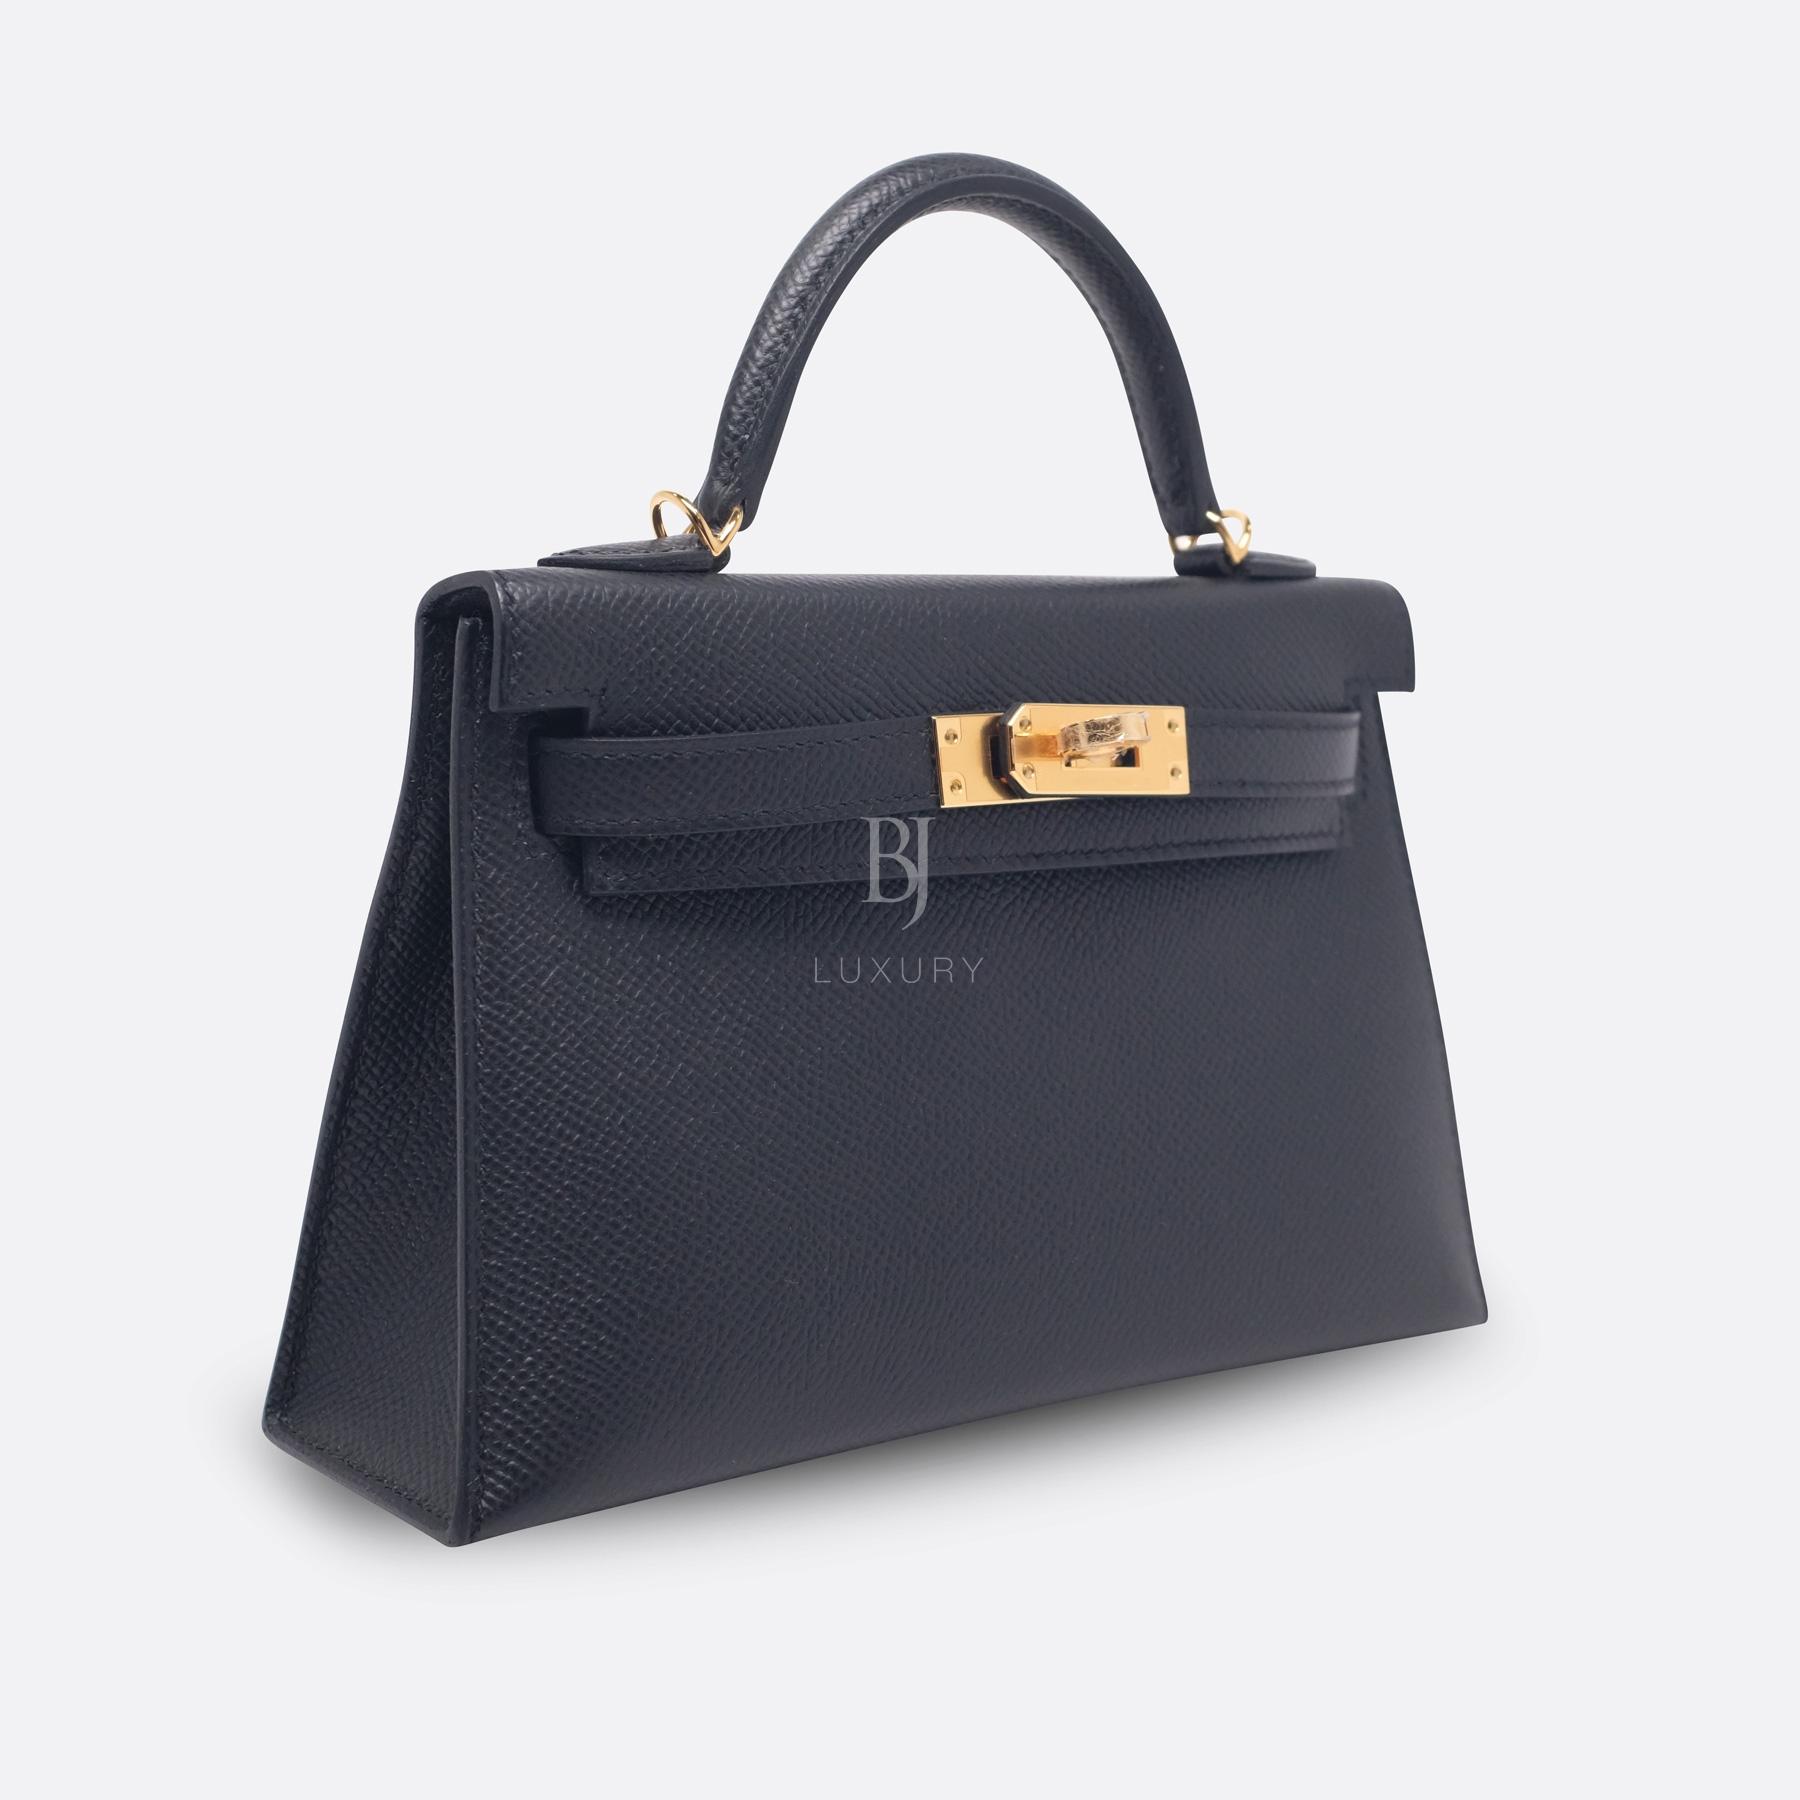 Hermes Kelly Sellier 20 Black Gold Hardware Epsom 2 BJ Luxury.jpg